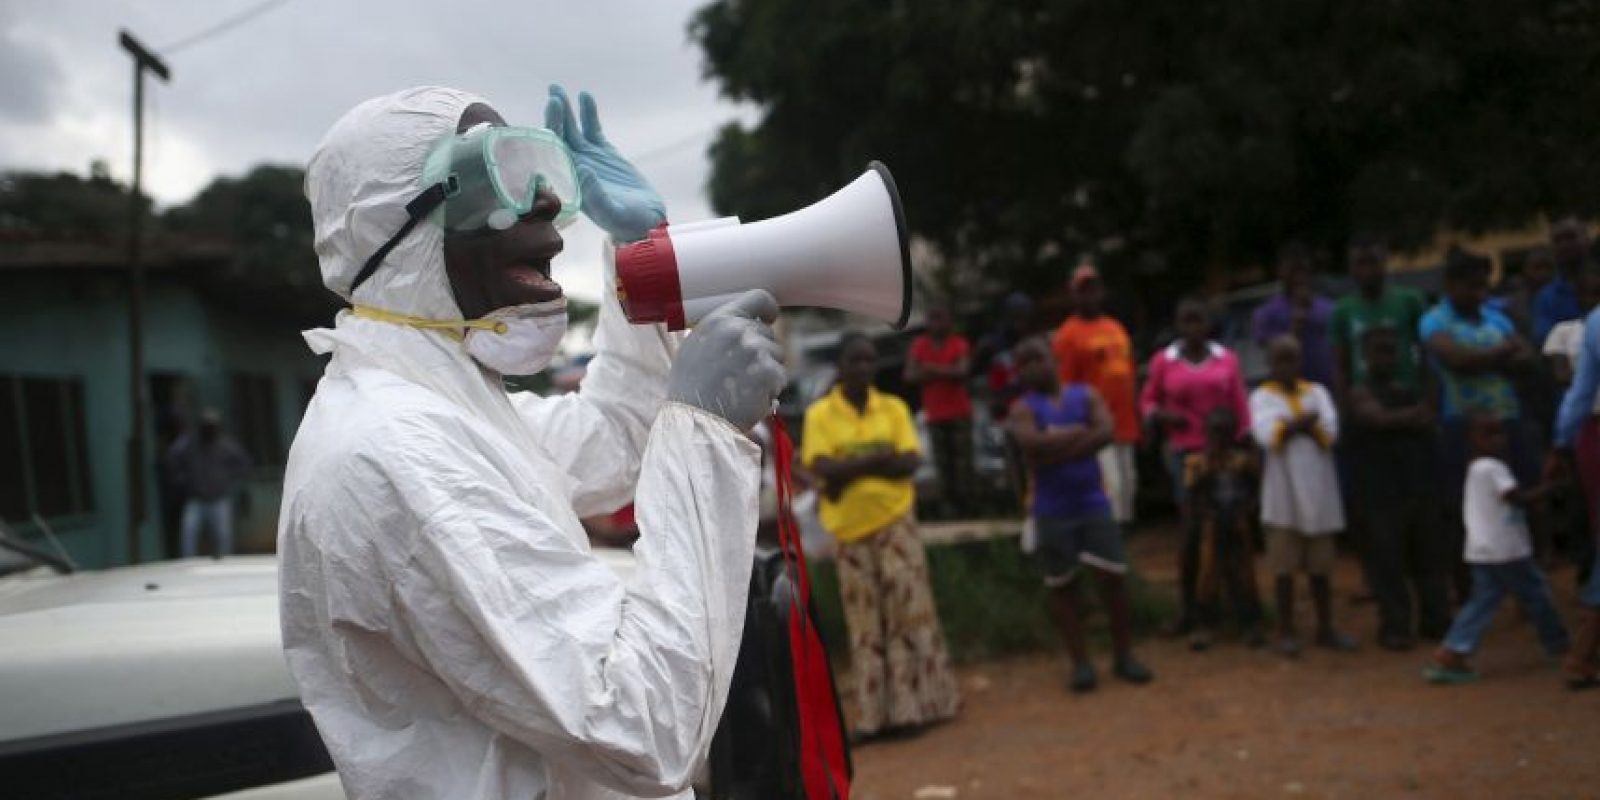 Los brotes de Ébola se producen principalmente en aldeas remotas de África central y occidental, cerca de la selva tropical. Foto:Getty Images